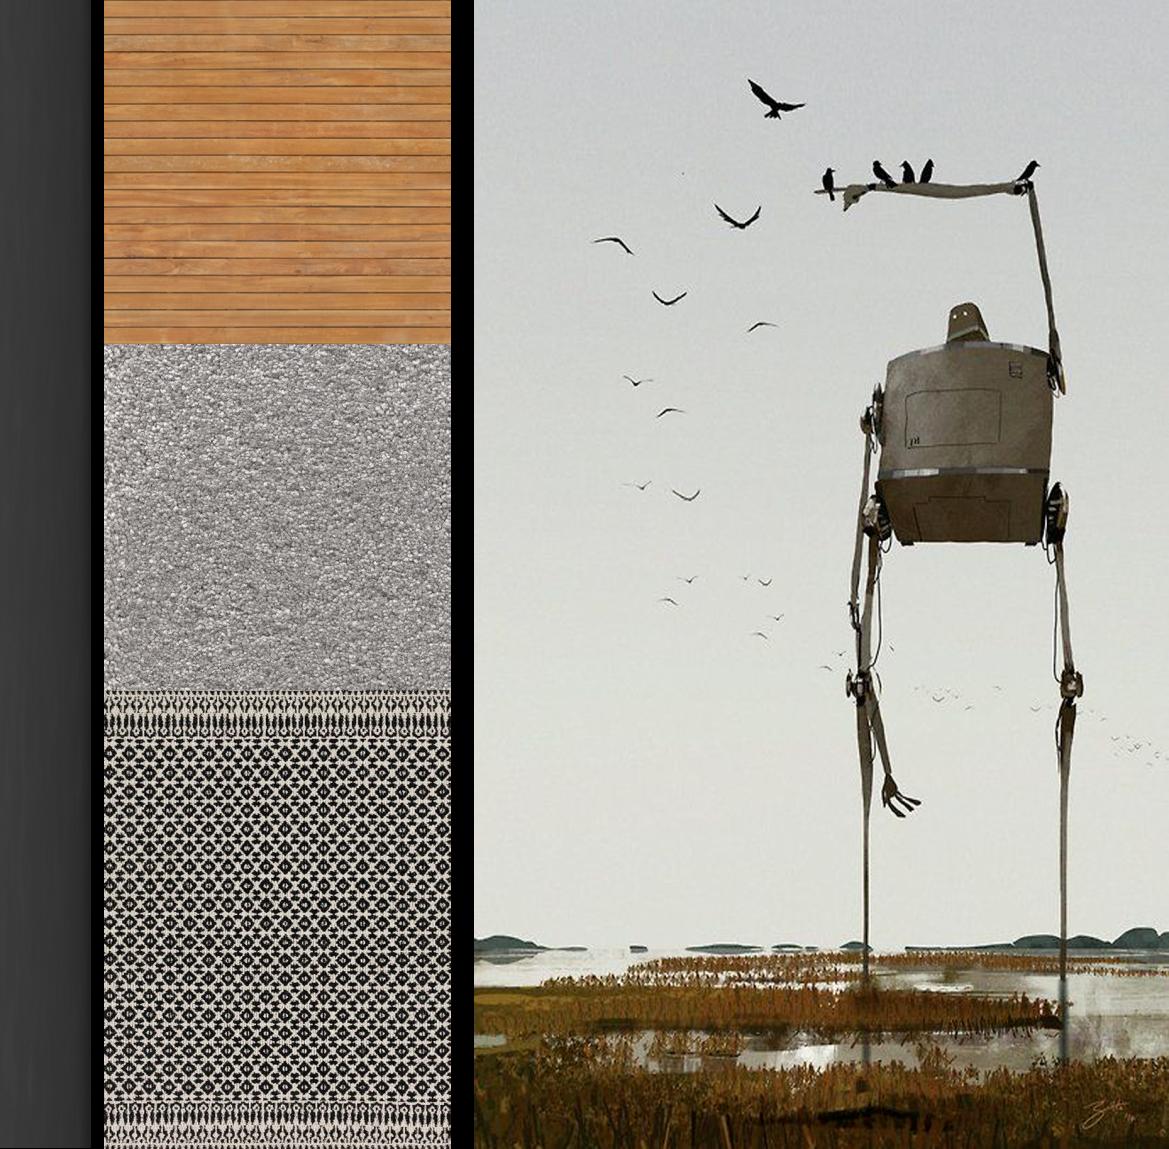 اکسسوری های به کار گرفته شده در پروژه ی معماری خانه ای برای یک خانواده ( استودیو معماری دیدآ )